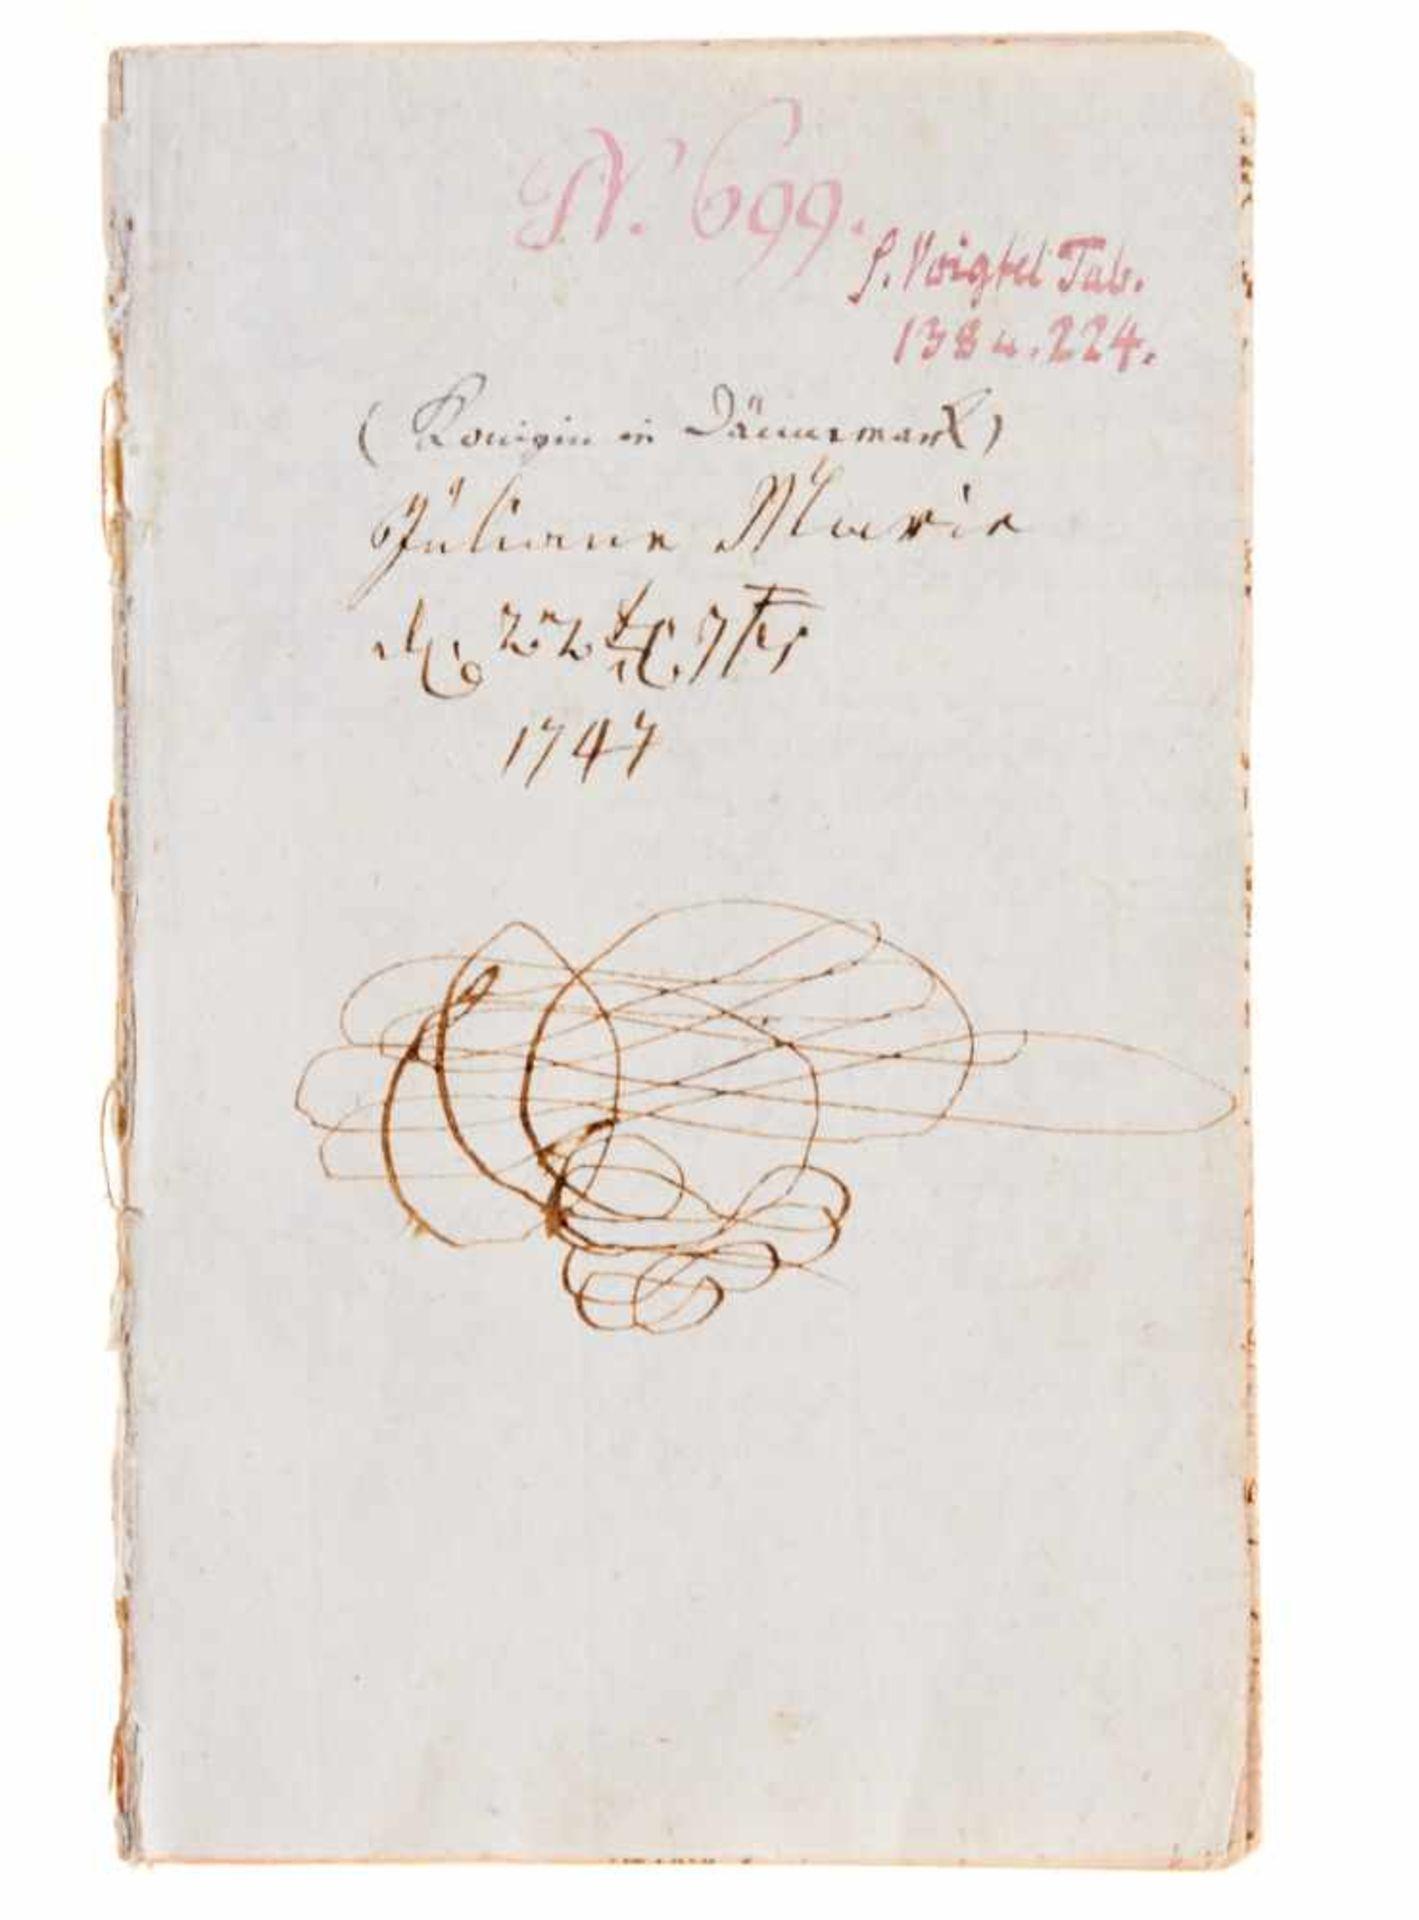 Religiöse Unterweisung- Manuskript aus dem theologischen Unterricht der JulianeMarie von